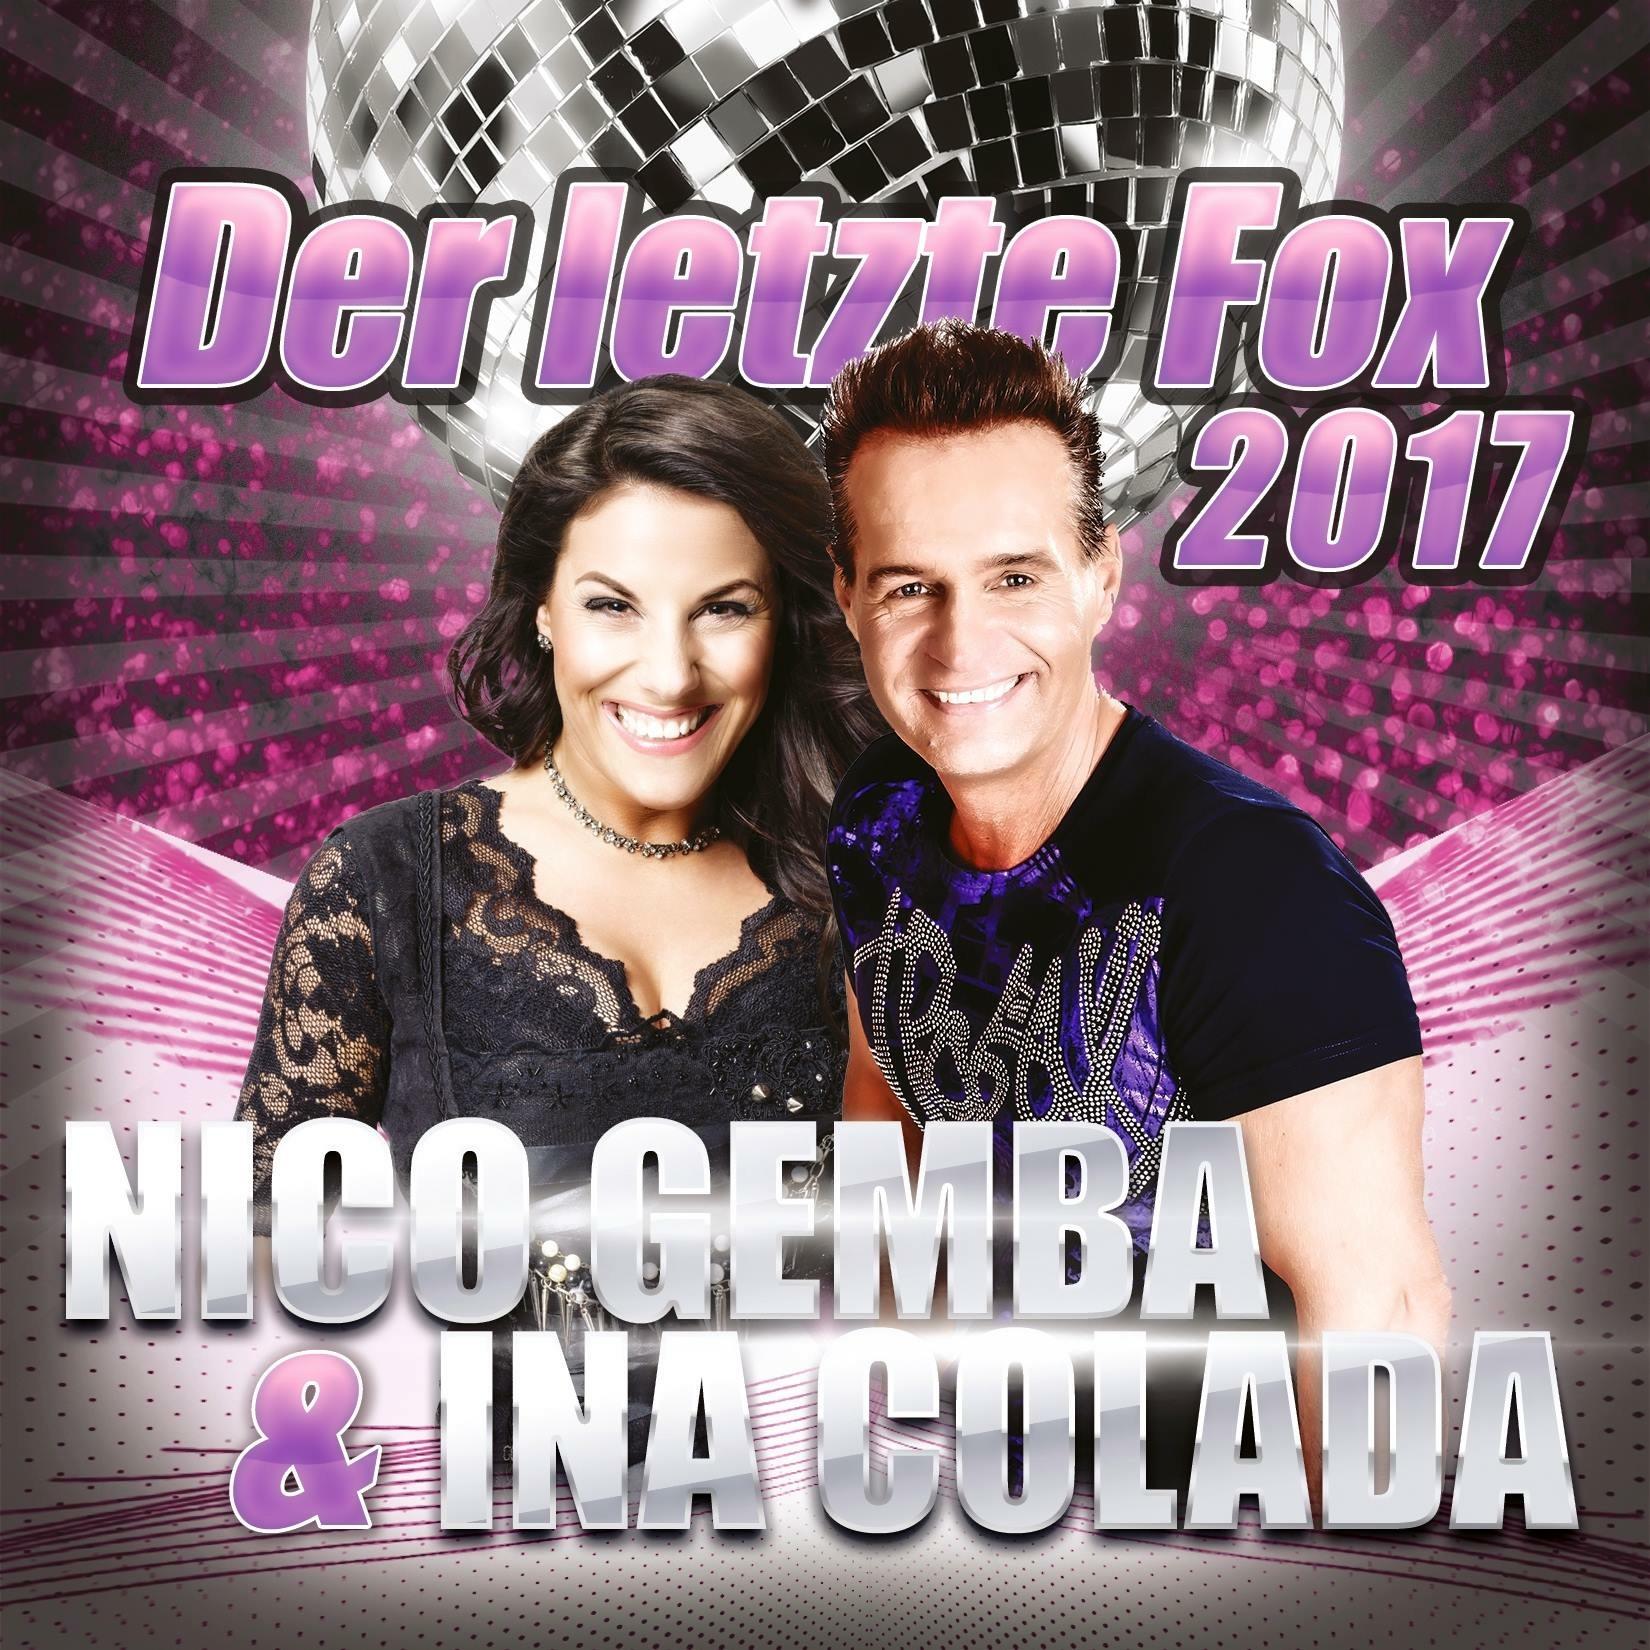 NICO GEMBA & INA COLADA - Der Letzte Fox 2017 (Xtreme Sound)